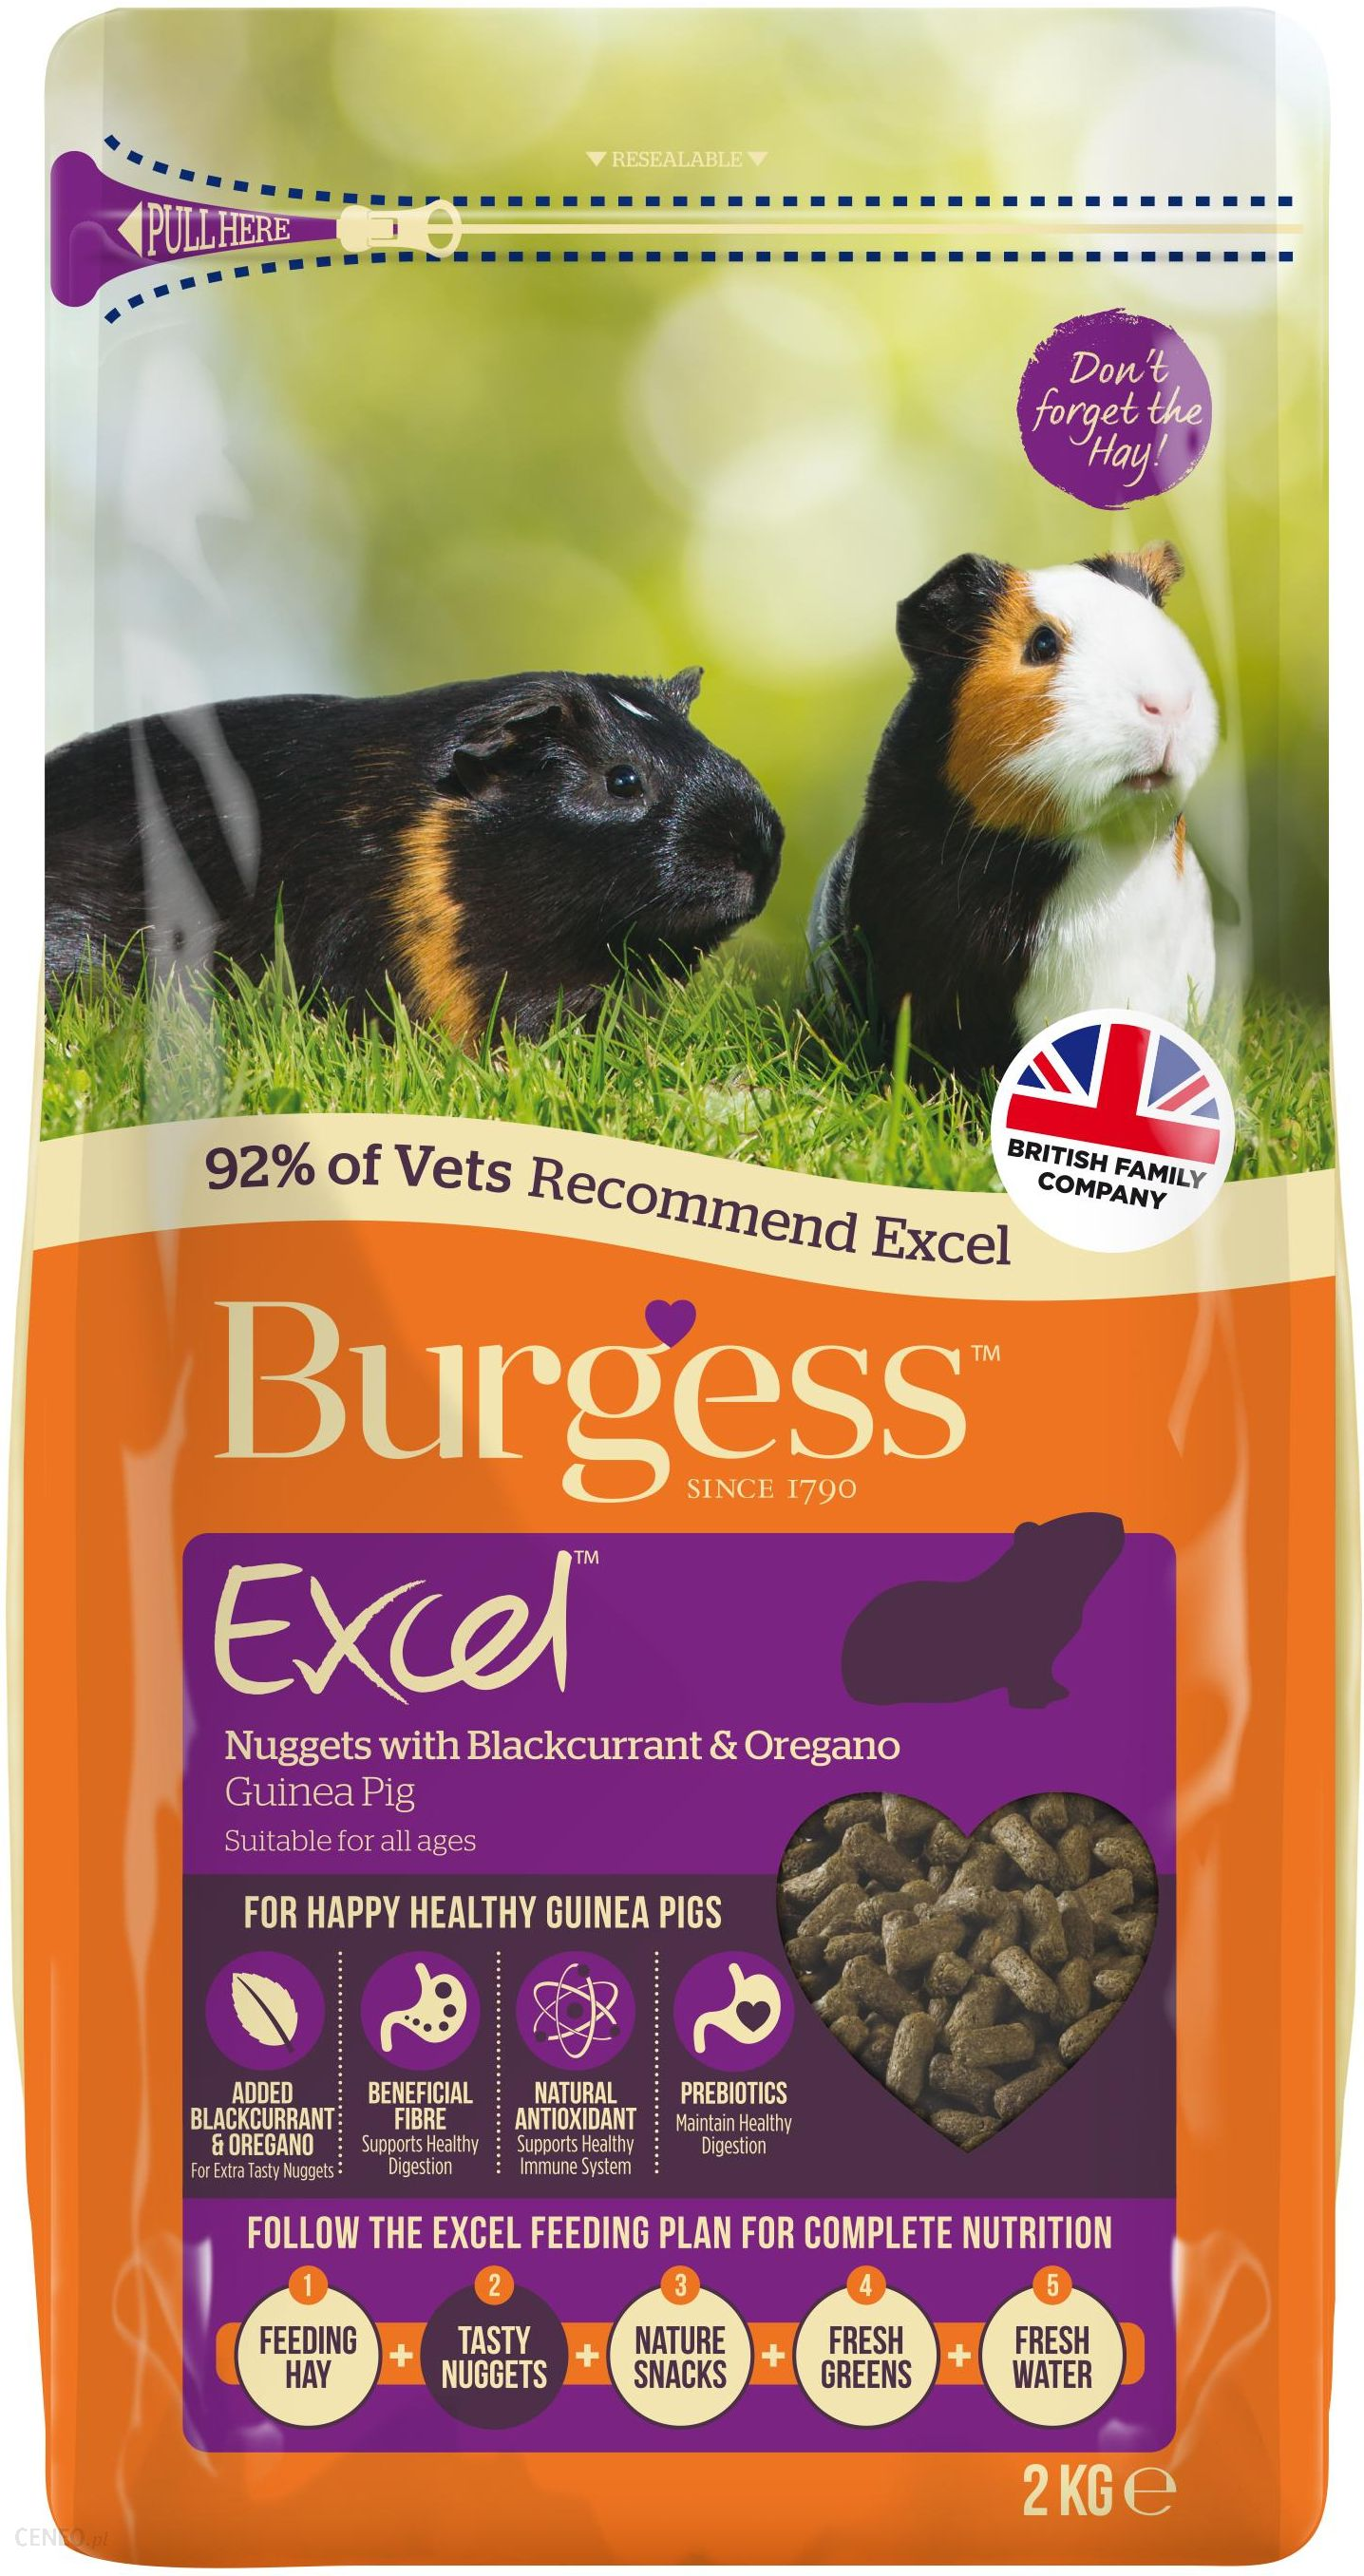 Burgess Karma Brytyjska Dla Świnki Morskiej Z Porzeczką I Oregano 2kg